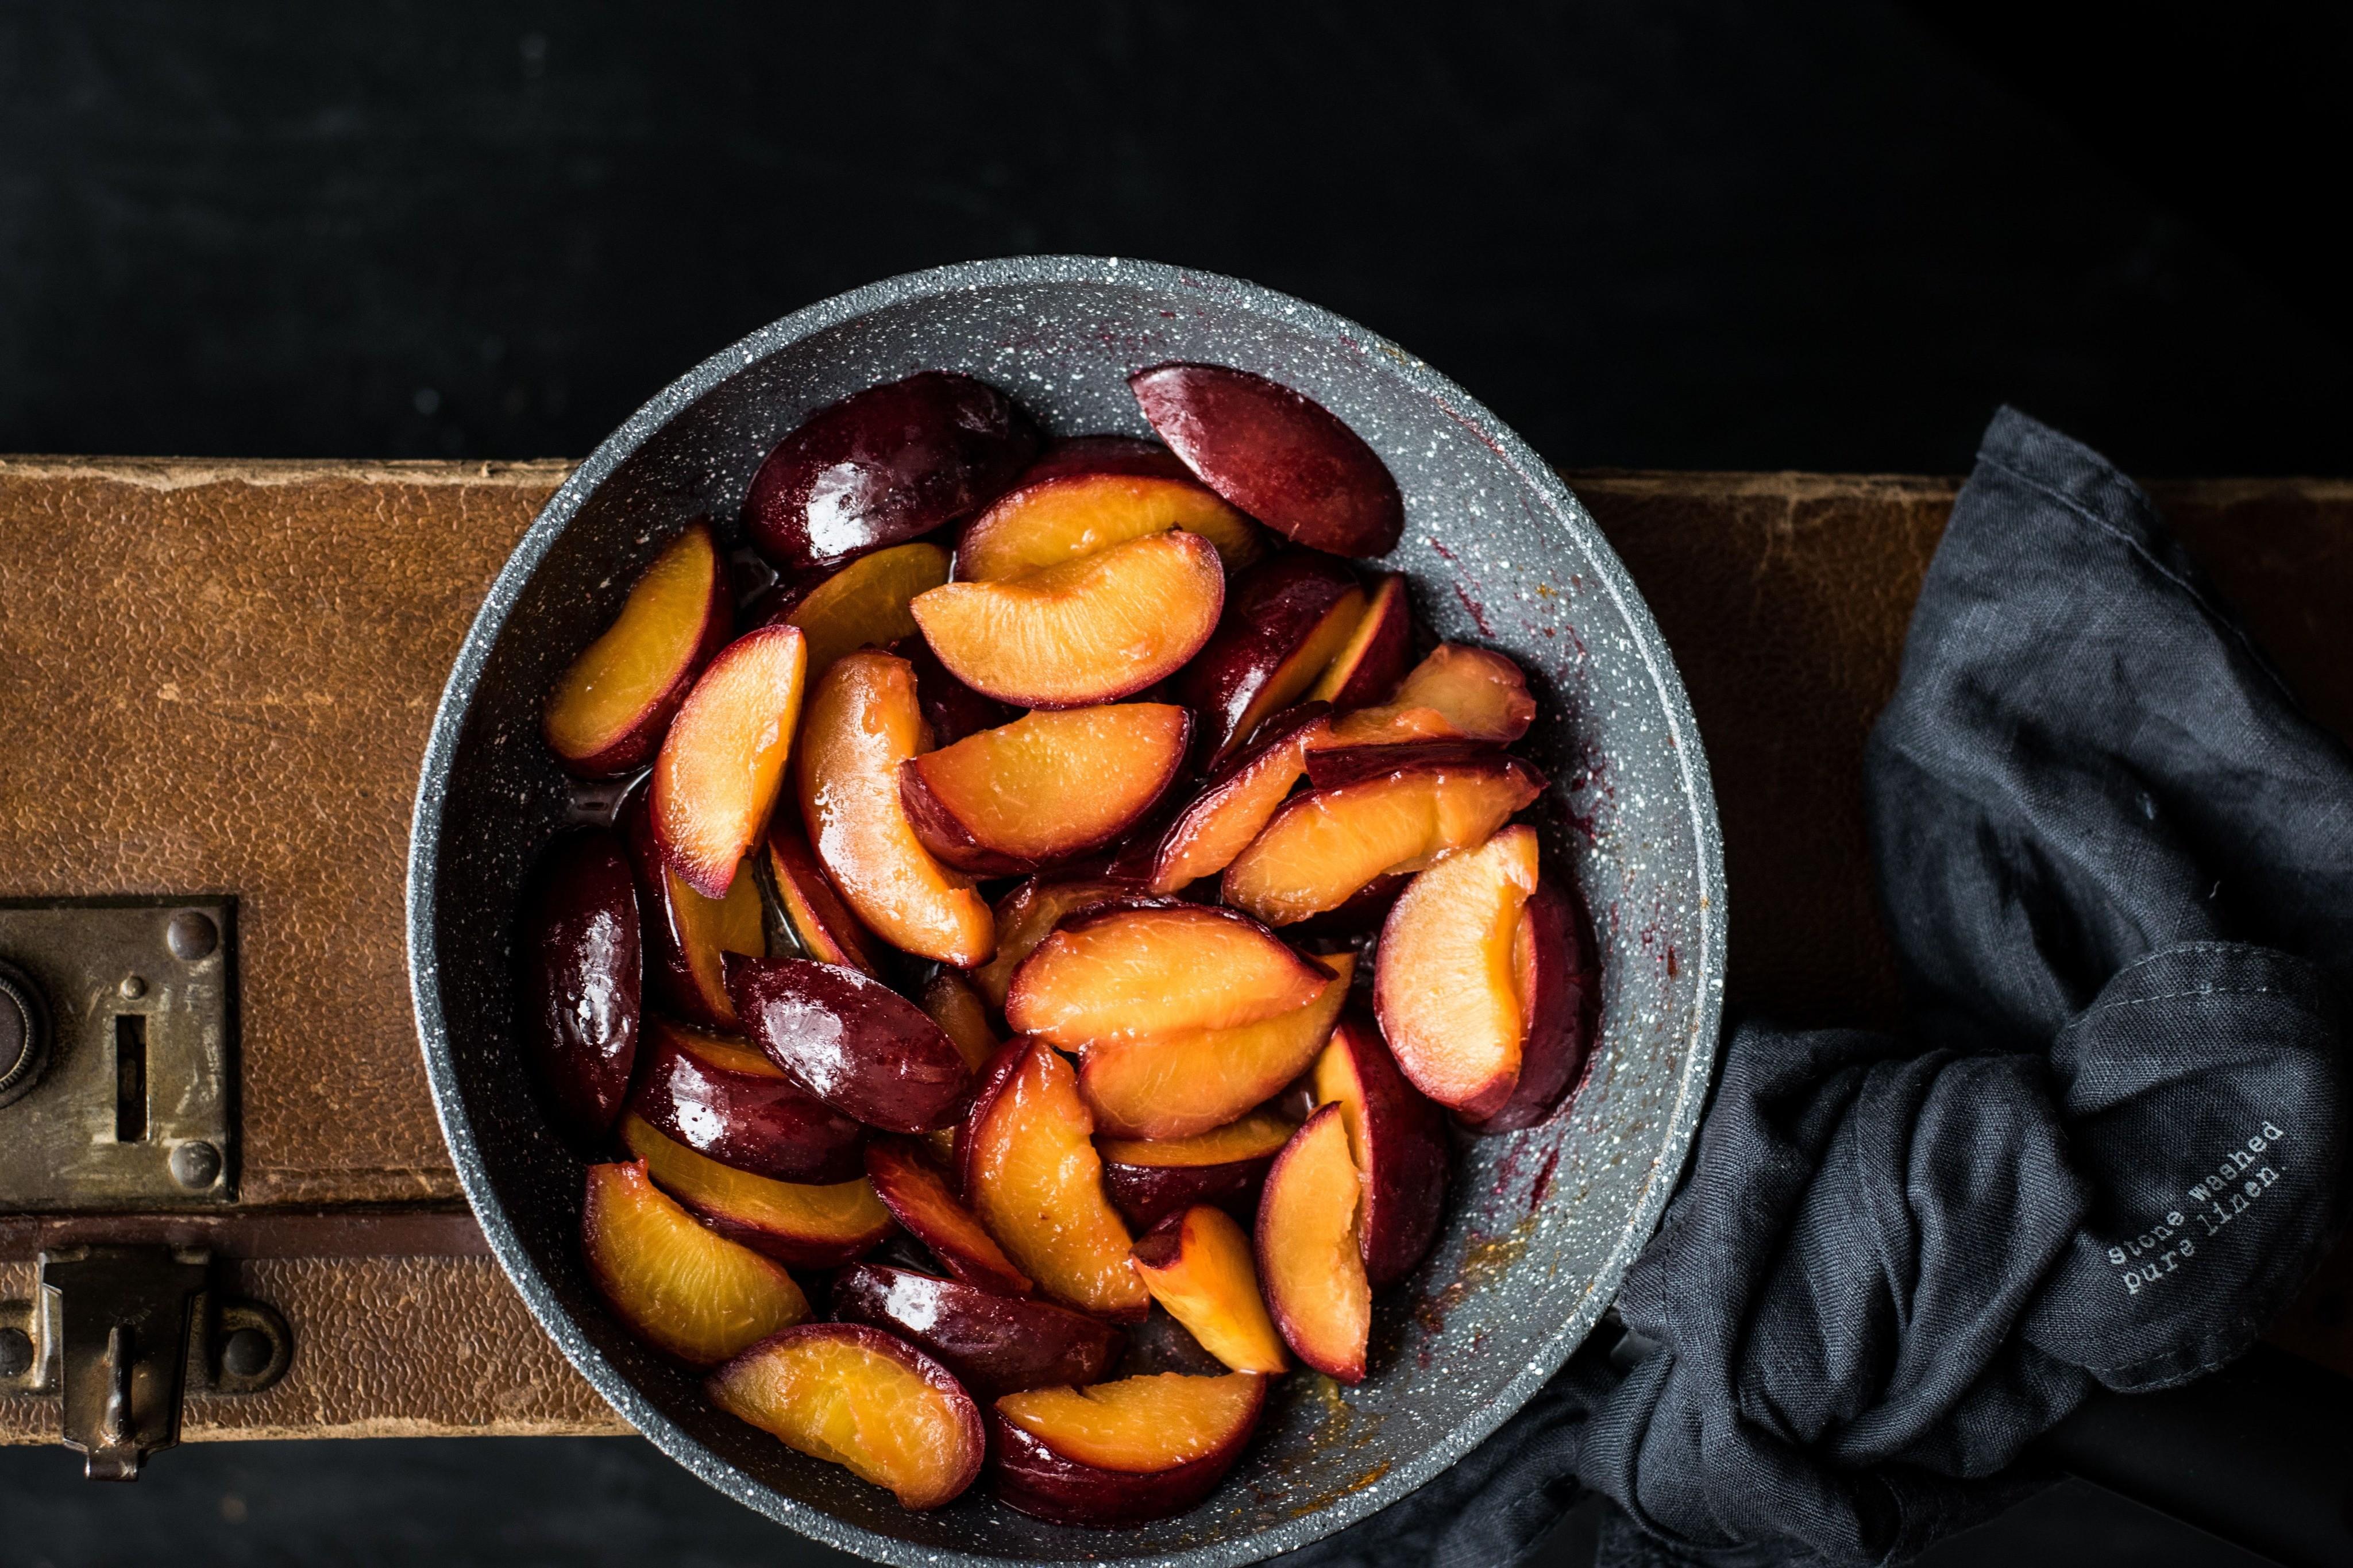 Как есть сливы и худеть на 5 кг в неделю: советы и рецепт